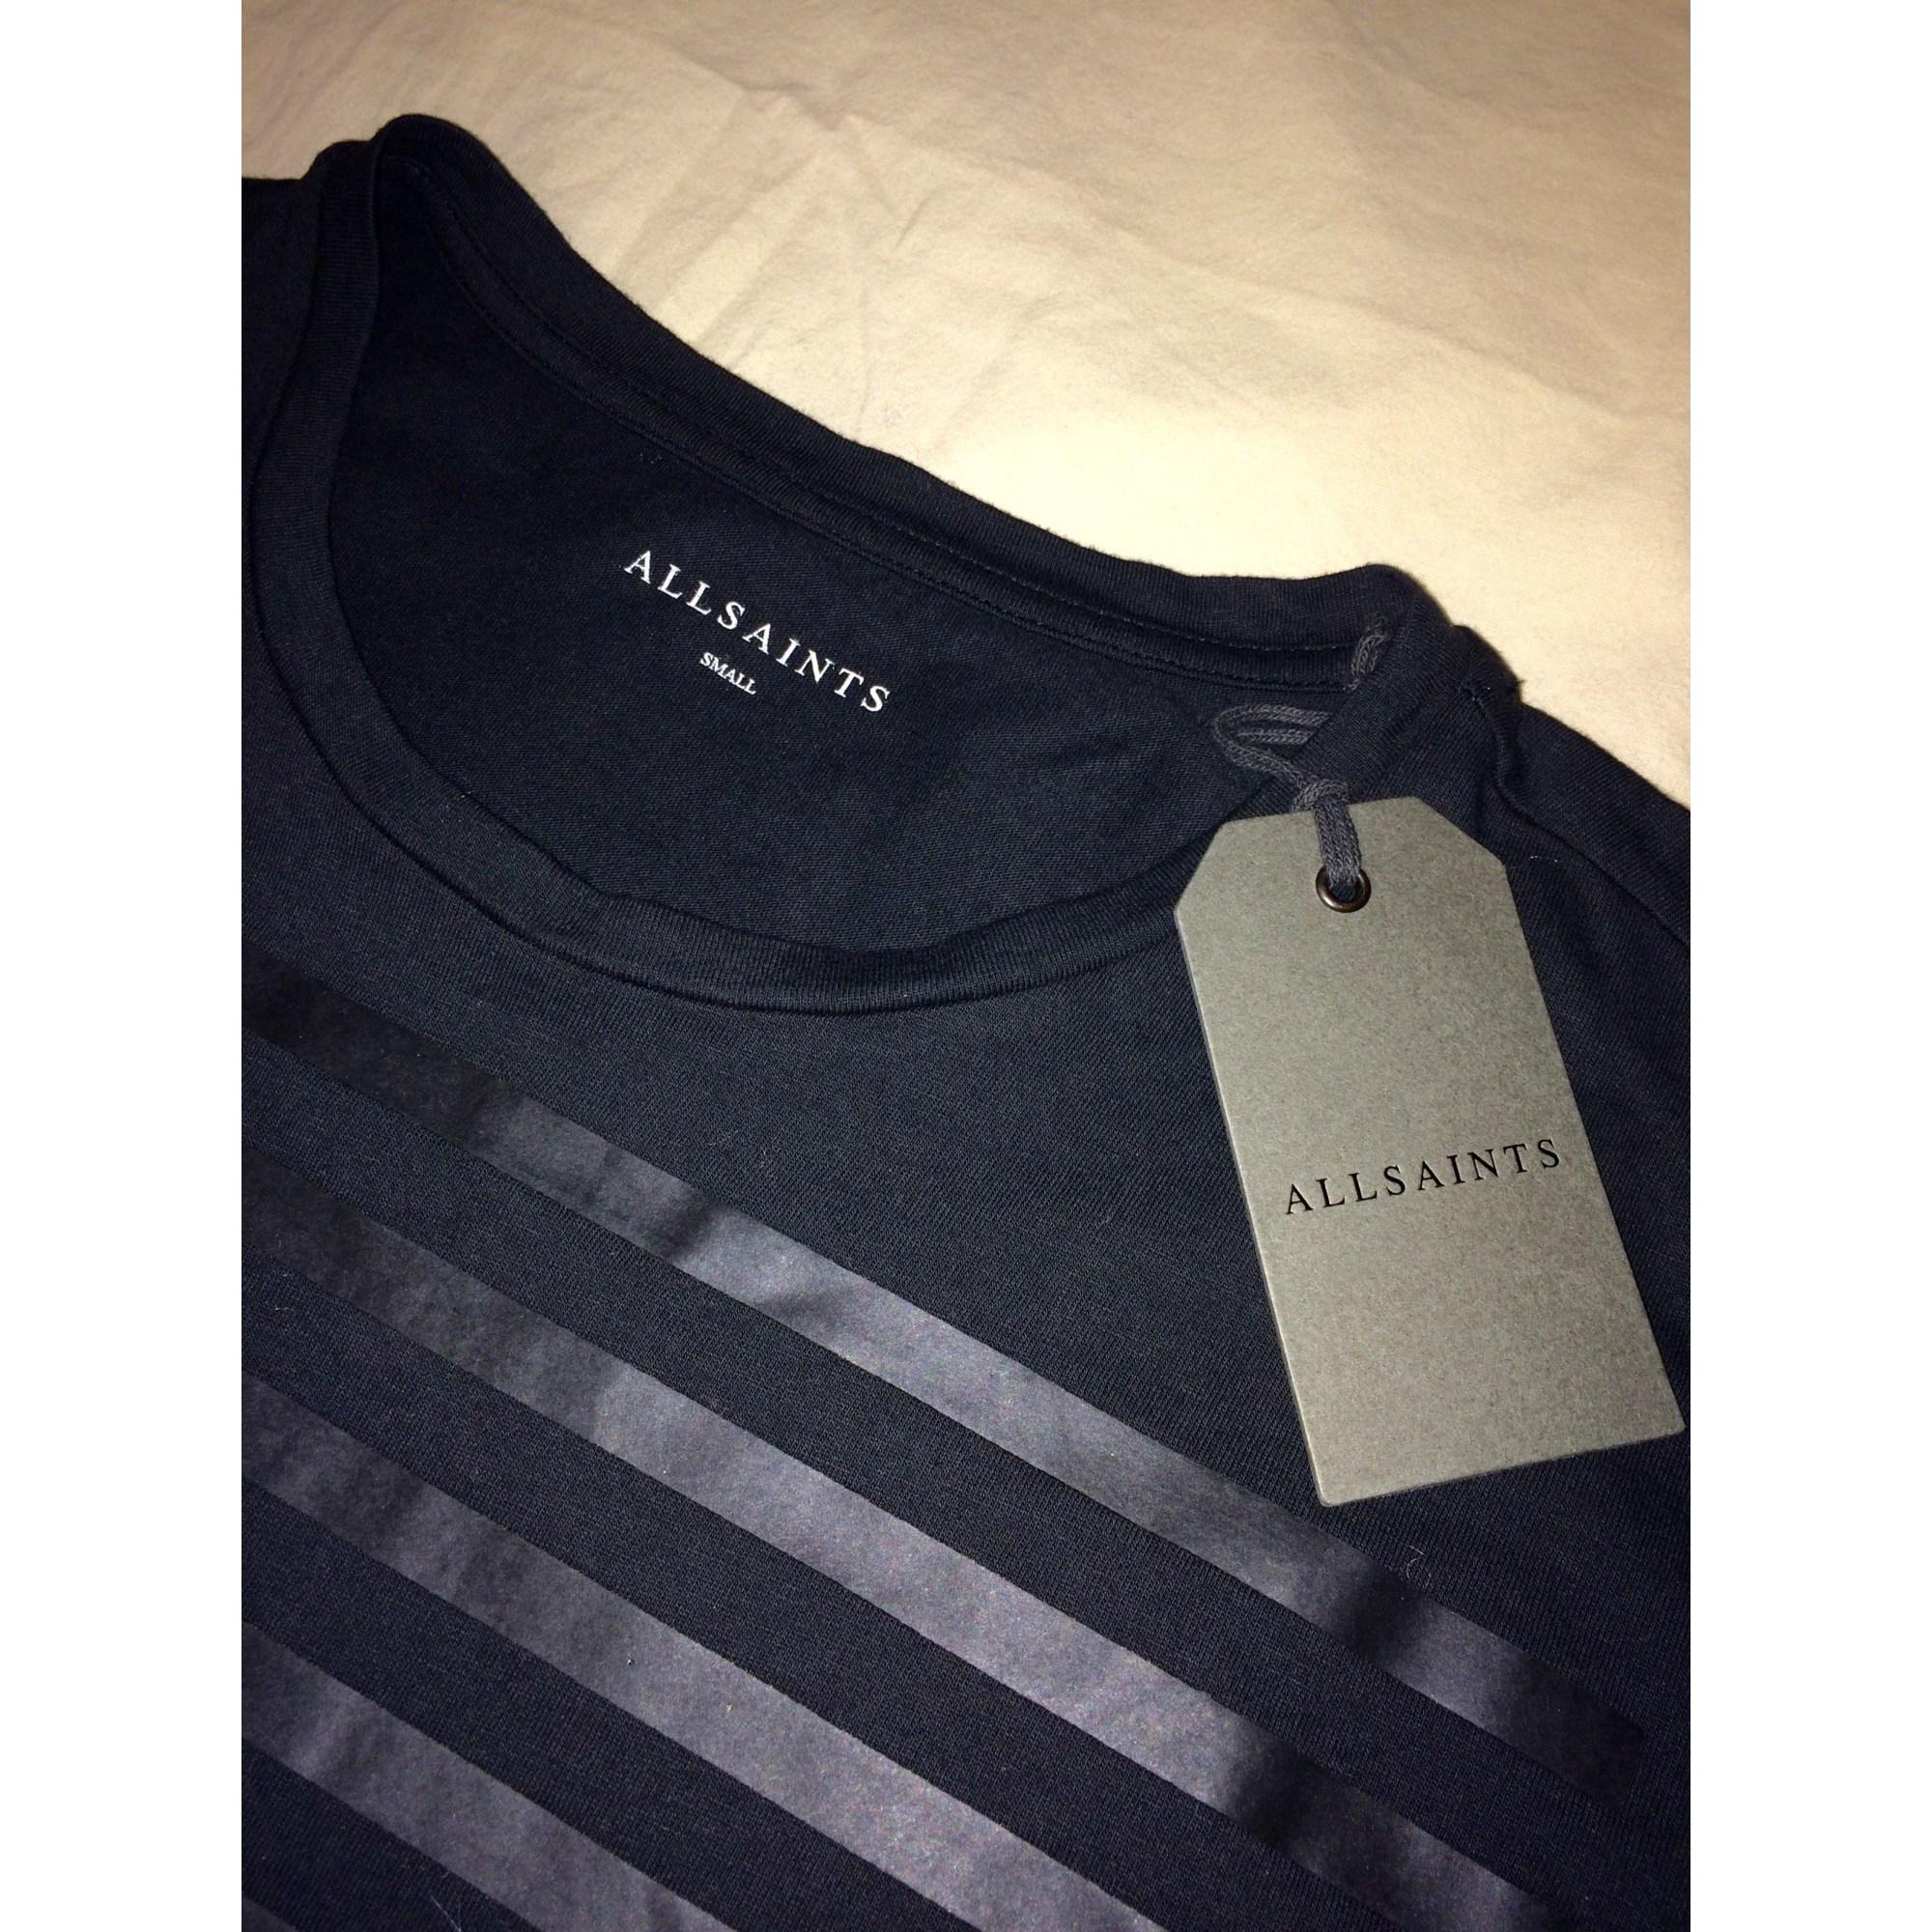 Tee-shirt ALL SAINTS Noir